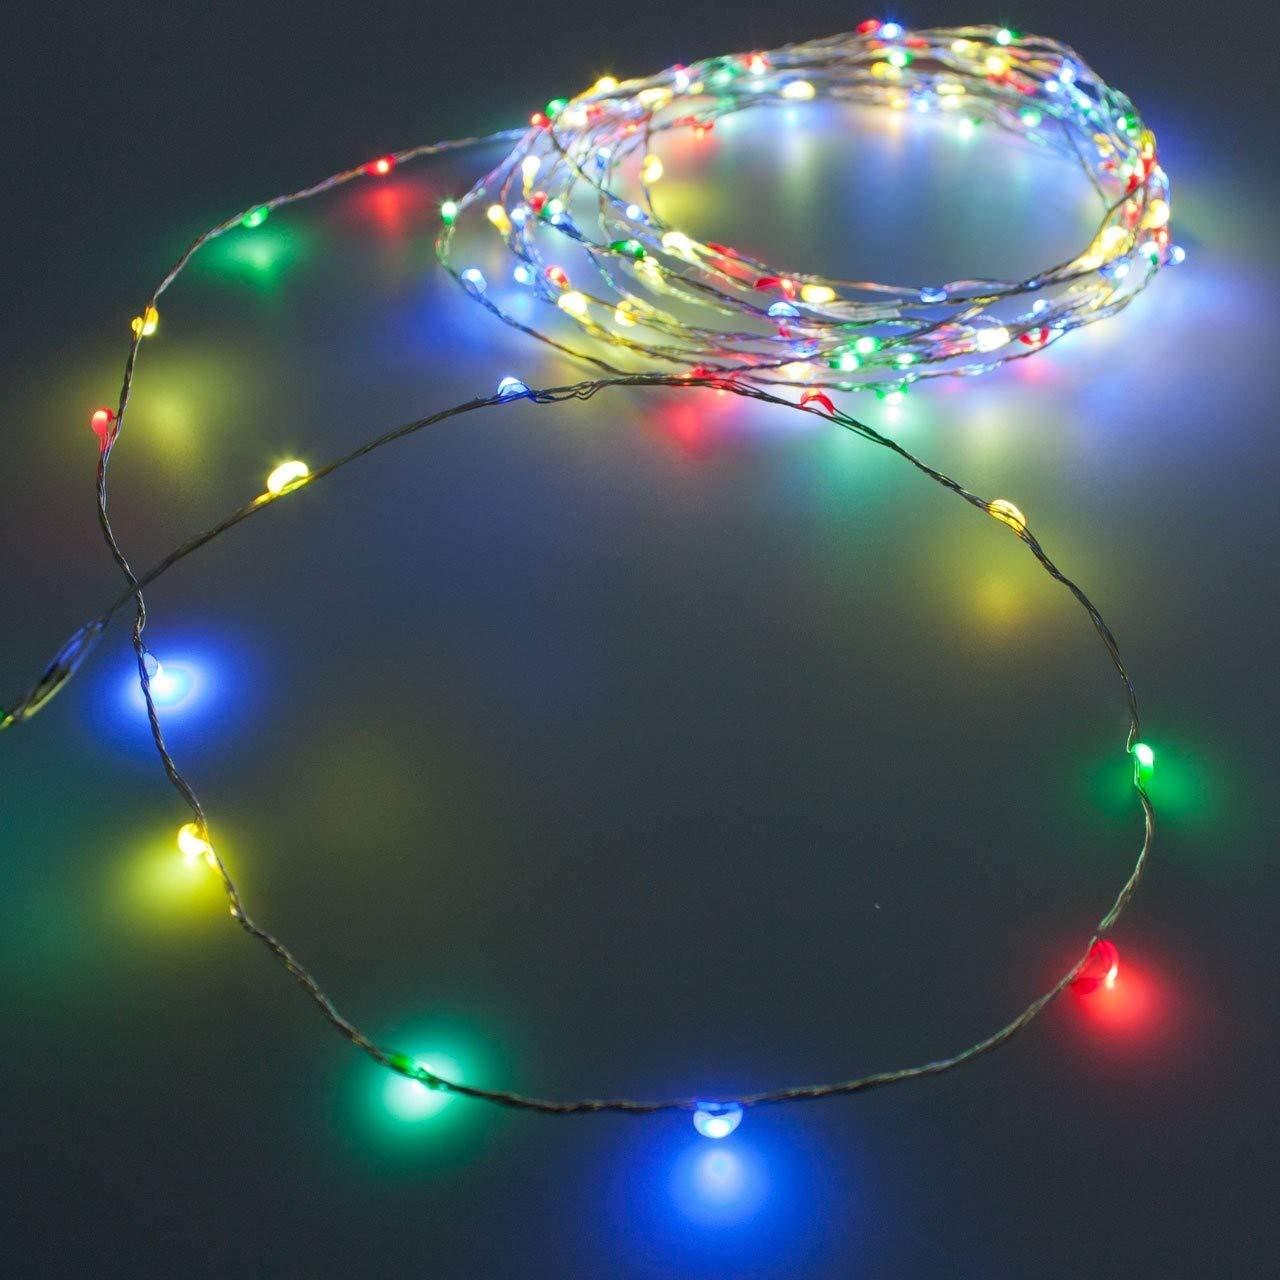 80plexiglás de apoyo Luces Multicolor con pilas con Juegos de luz Luces de navidad decoración pesebres PERAGASHOP